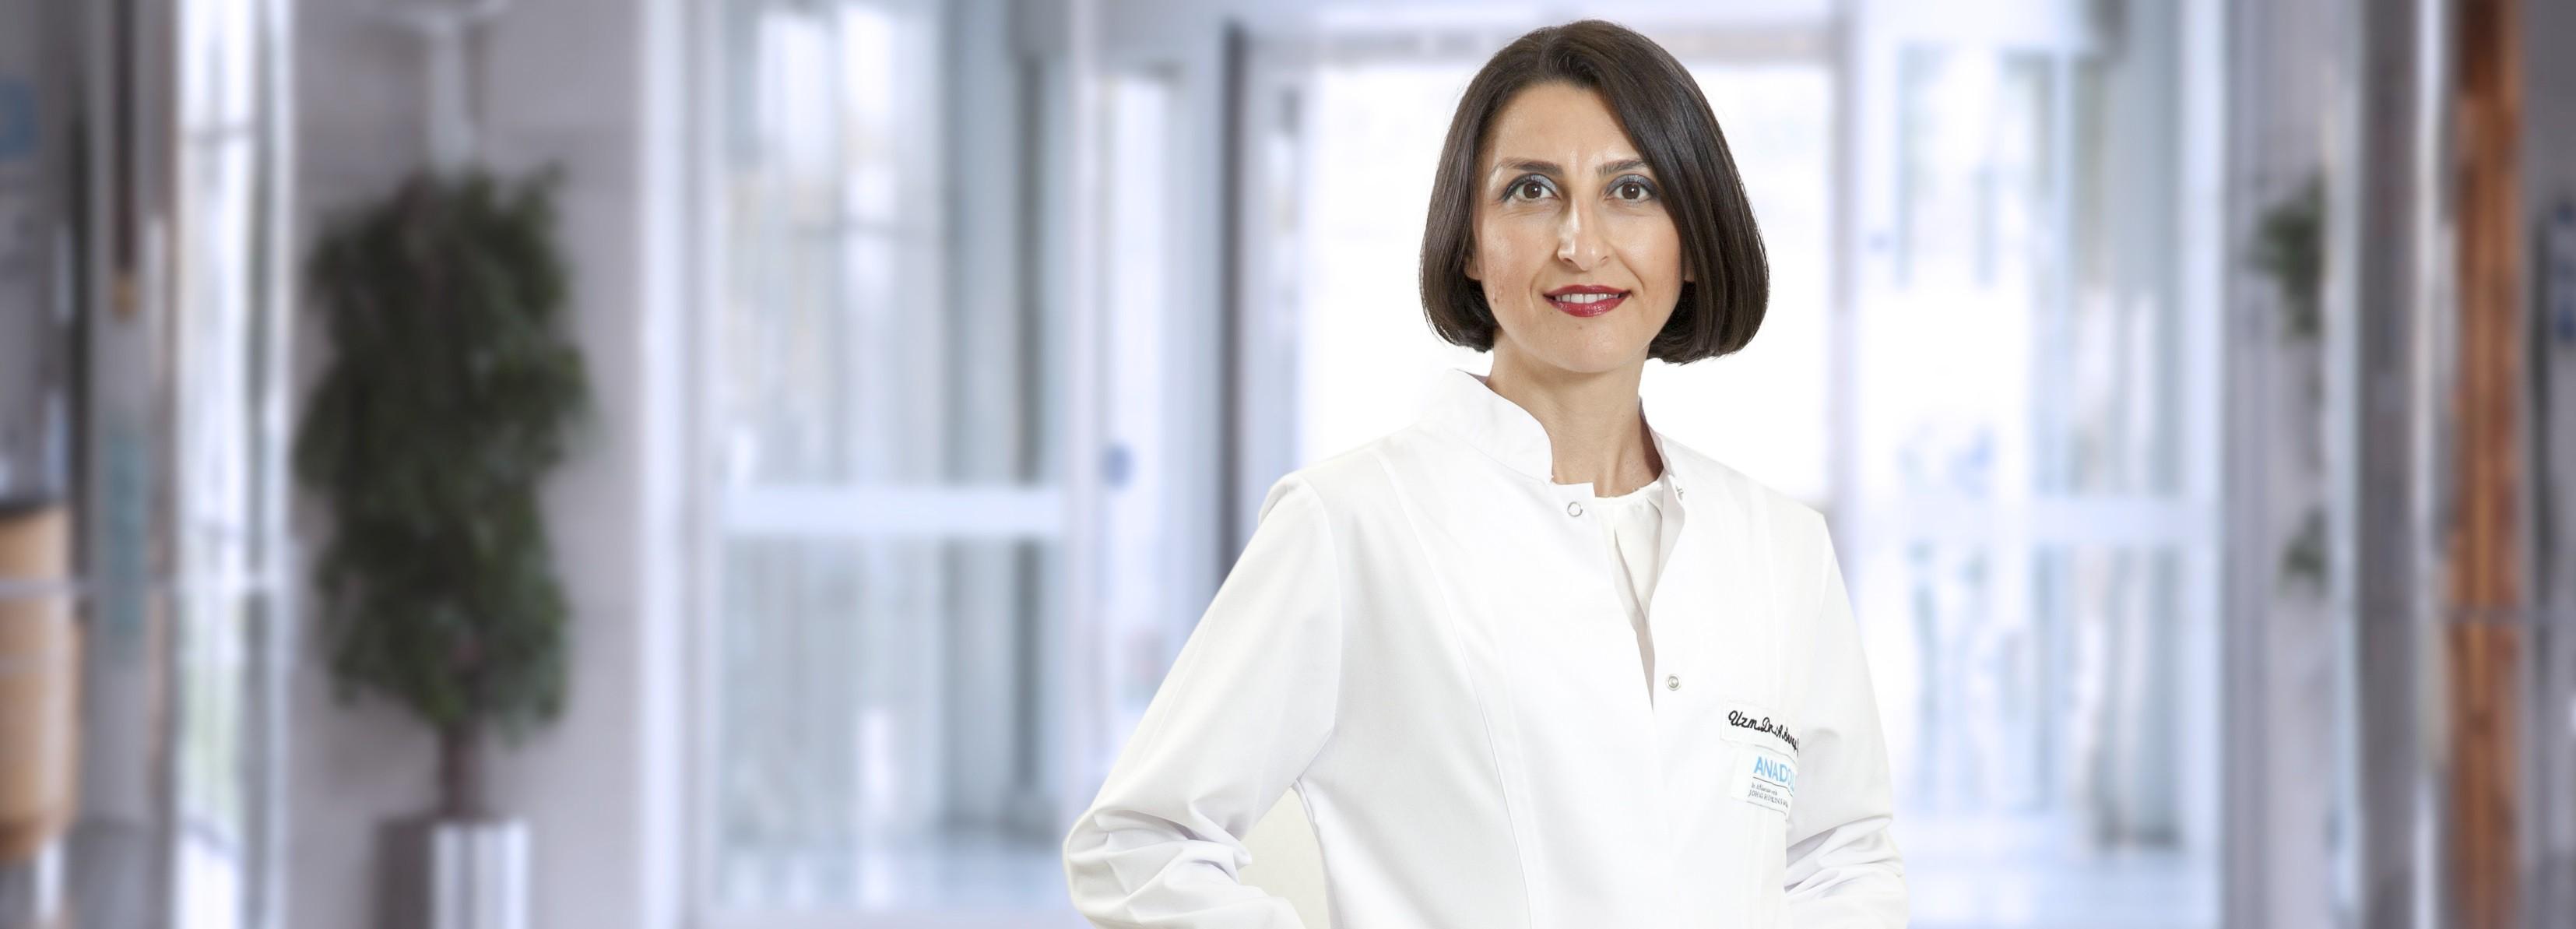 Айше Серап Ялын — квалифицированная помощь в медицинском центре Anadolu